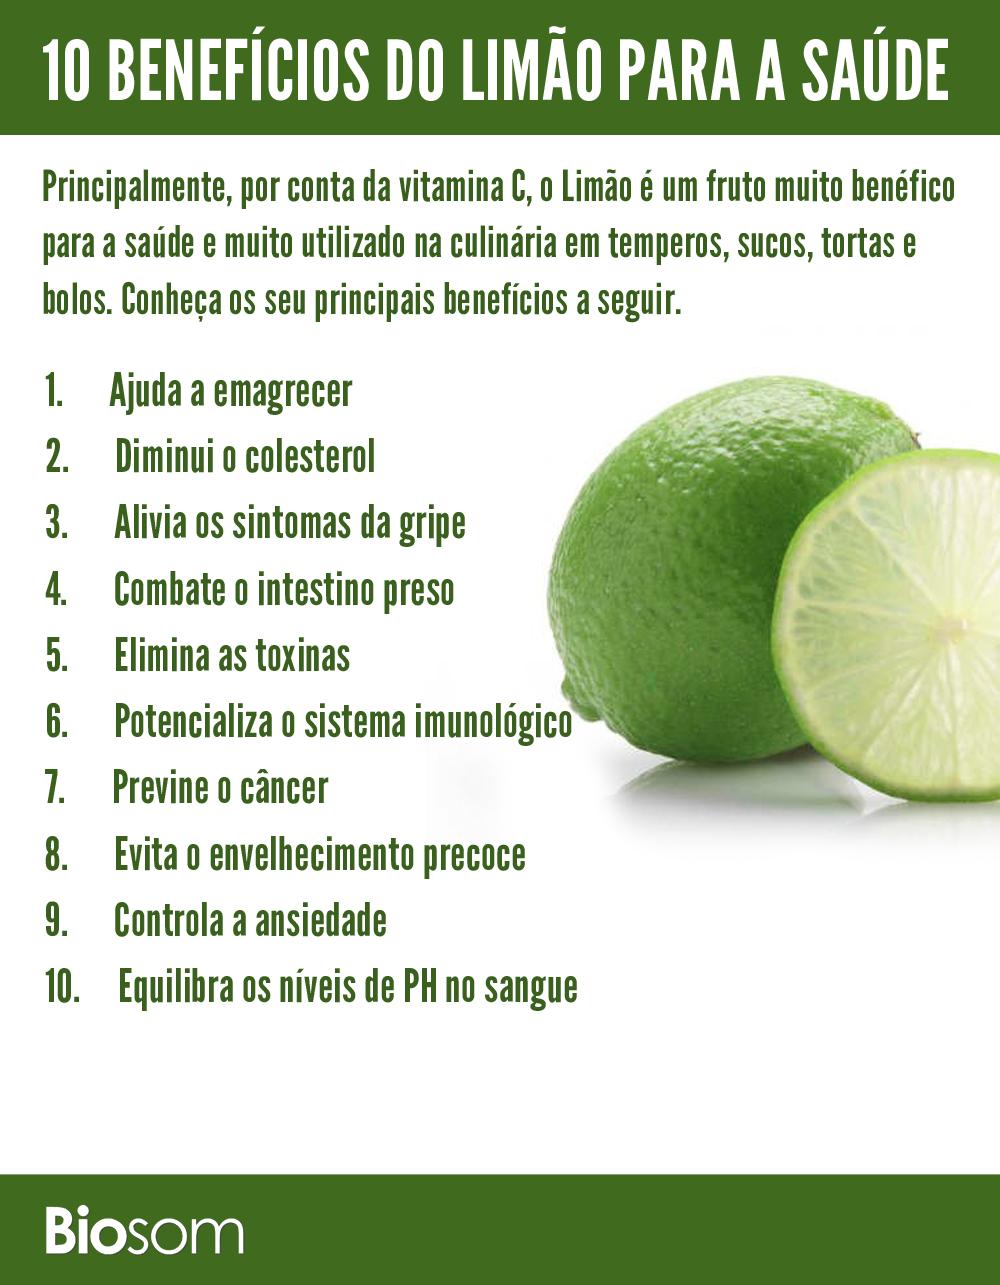 5424aa37f4 Veja tudo que o limão é capaz de fazer no nosso organismo. Aprenda sobre  este